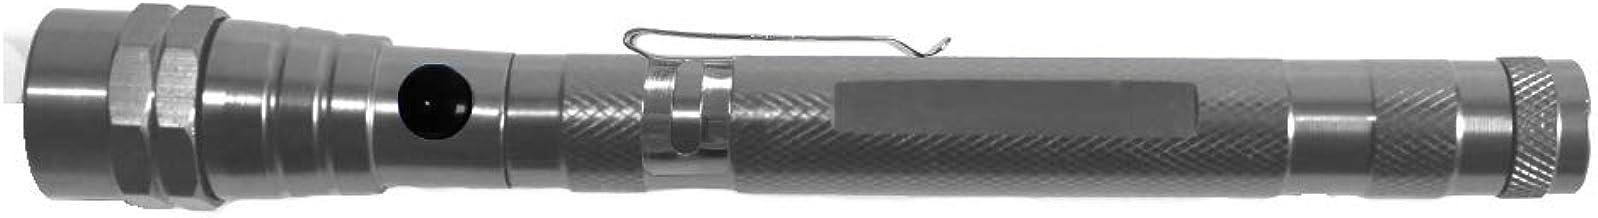 Projects Flexibele LED zaklamp met magneet uittrekbaar waterdicht 'Magic Light' grijs | super heldere telescopische zaklam...